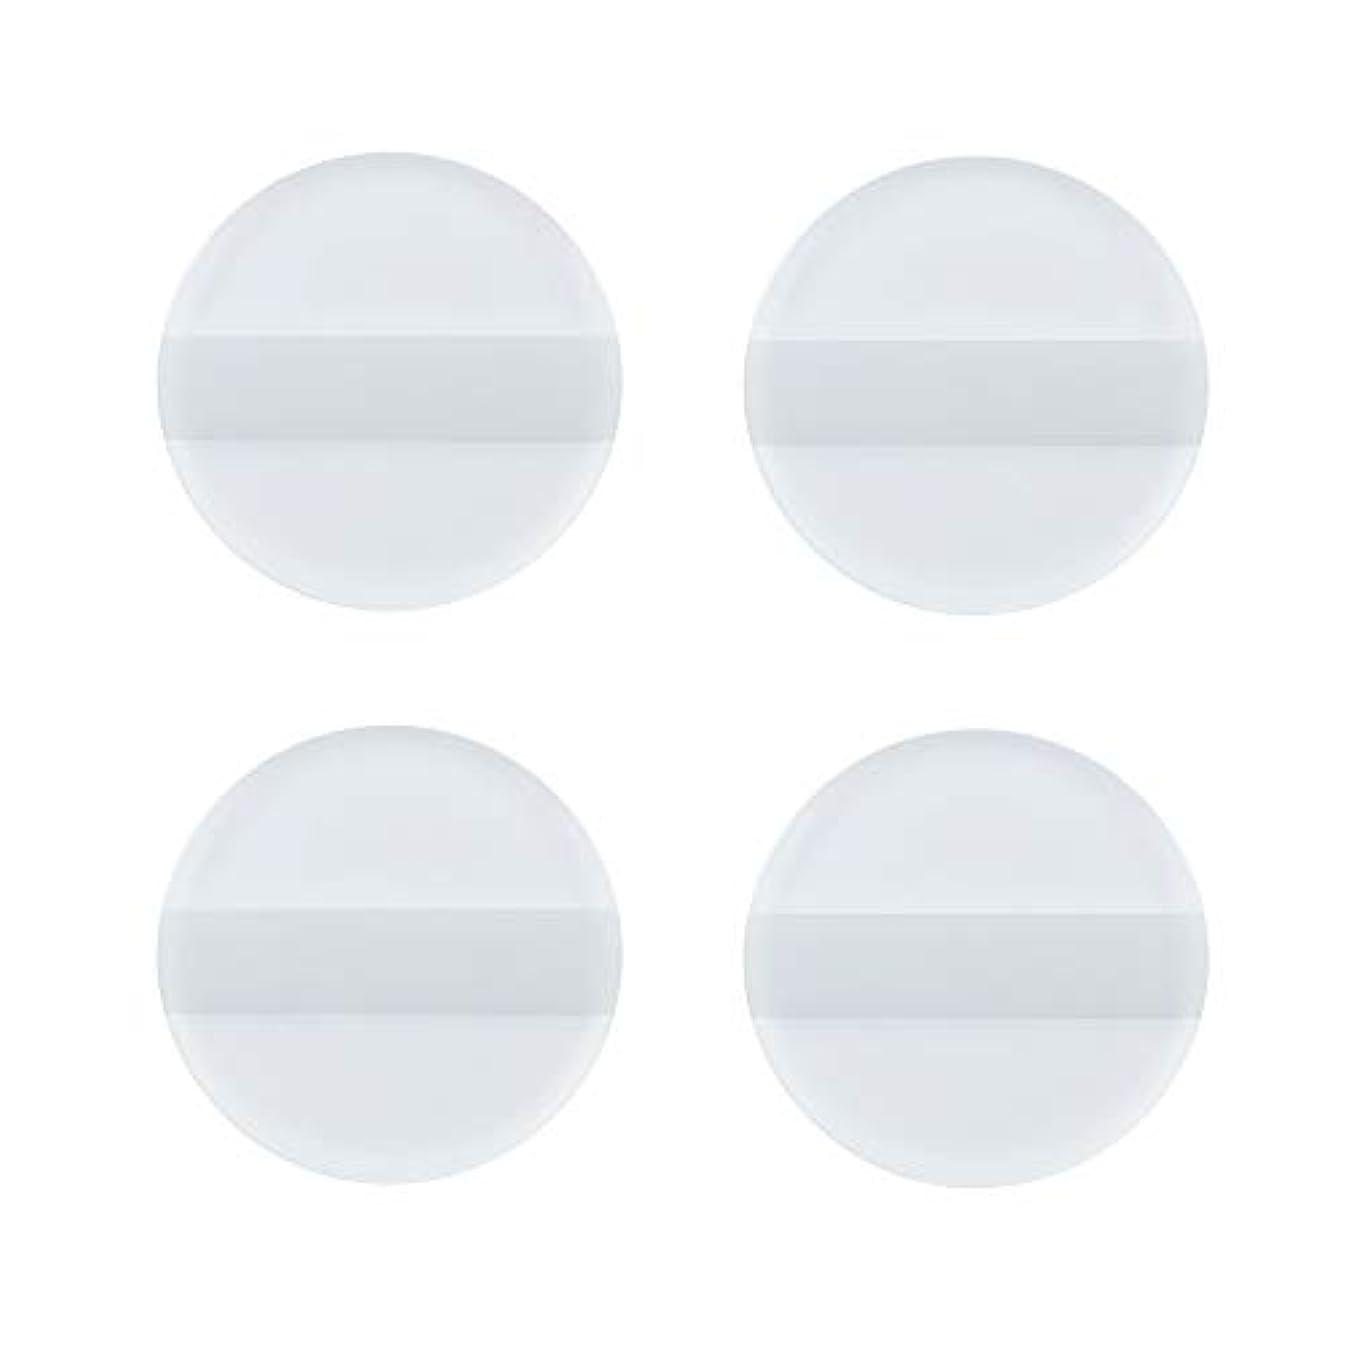 不満重大ペチコートSHARE BEAUTY シリコンパフ ゲルパフ ゼリーパフ 4枚入り 円形 柔らかい 透明 軽量 コンパクト ファンデーション吸収しない 化粧品を節約 清潔しやすい 衛生 メイク用 ケース付き